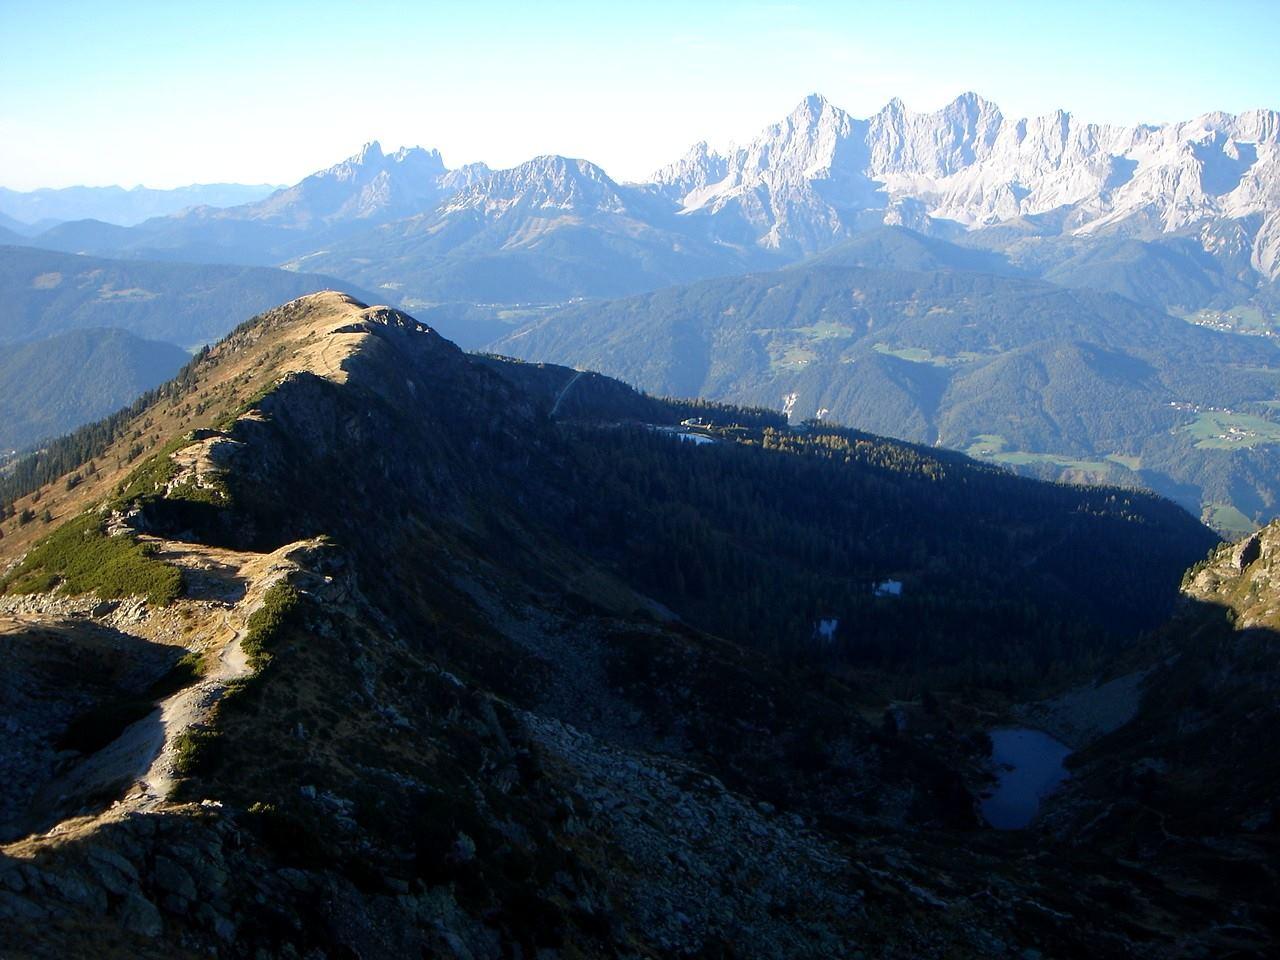 Foto: Manfred Karl / Wander Tour / Gipfelrunde von der Reiteralm auf den Schober (2133m) / Links im Bild der Aufstieg von der Gasselhöhe / 19.06.2007 05:58:56